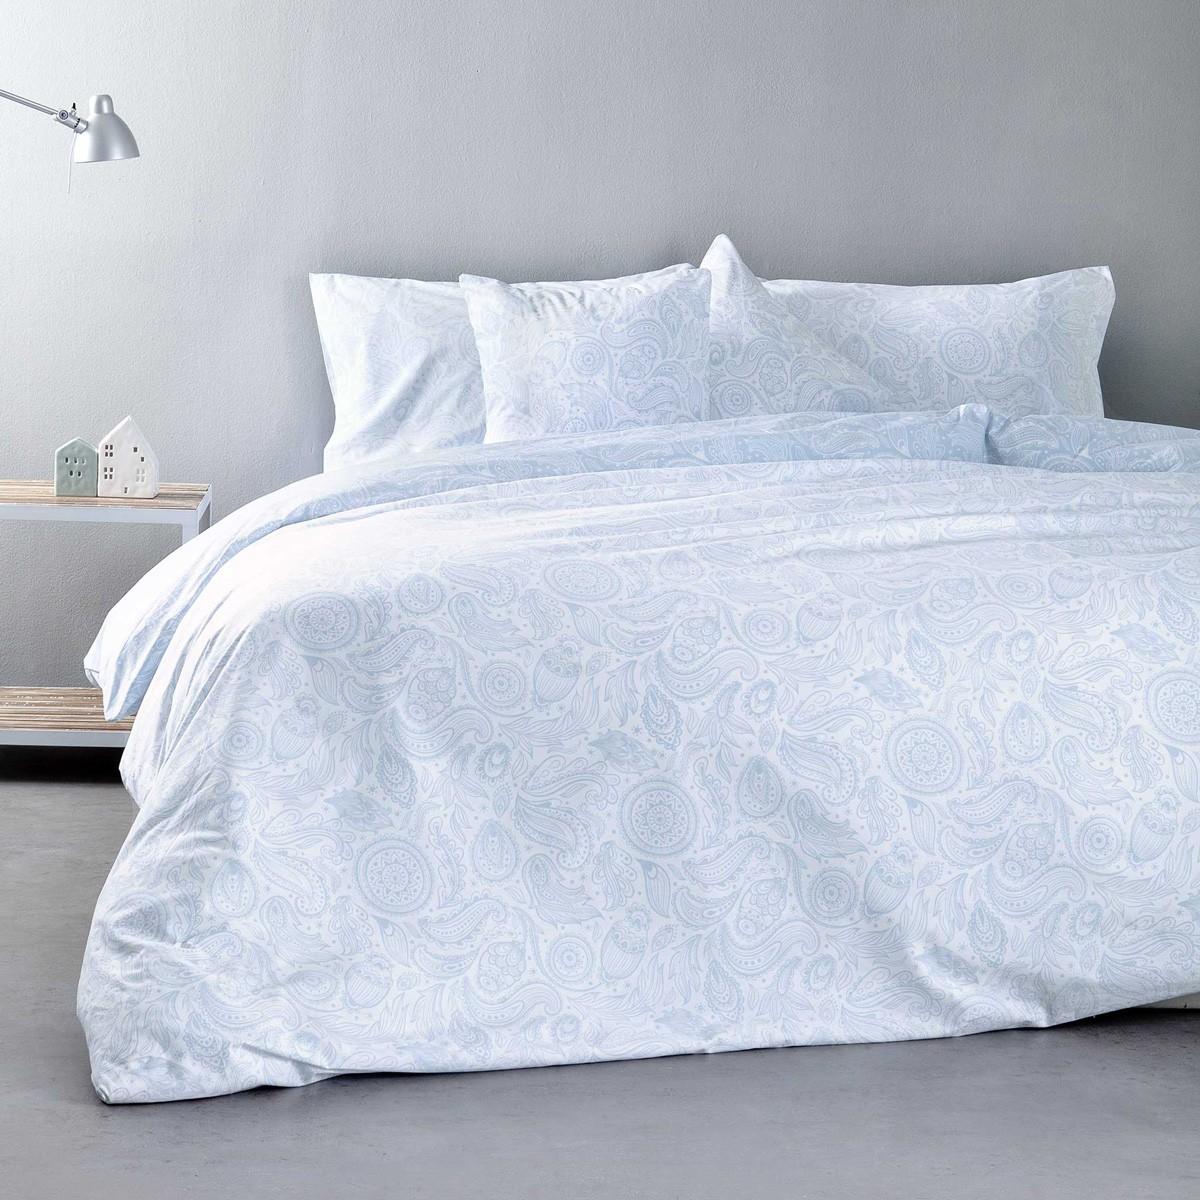 Σεντόνια Υπέρδιπλα (Σετ) Nima Bed Linen Jaipur Blue